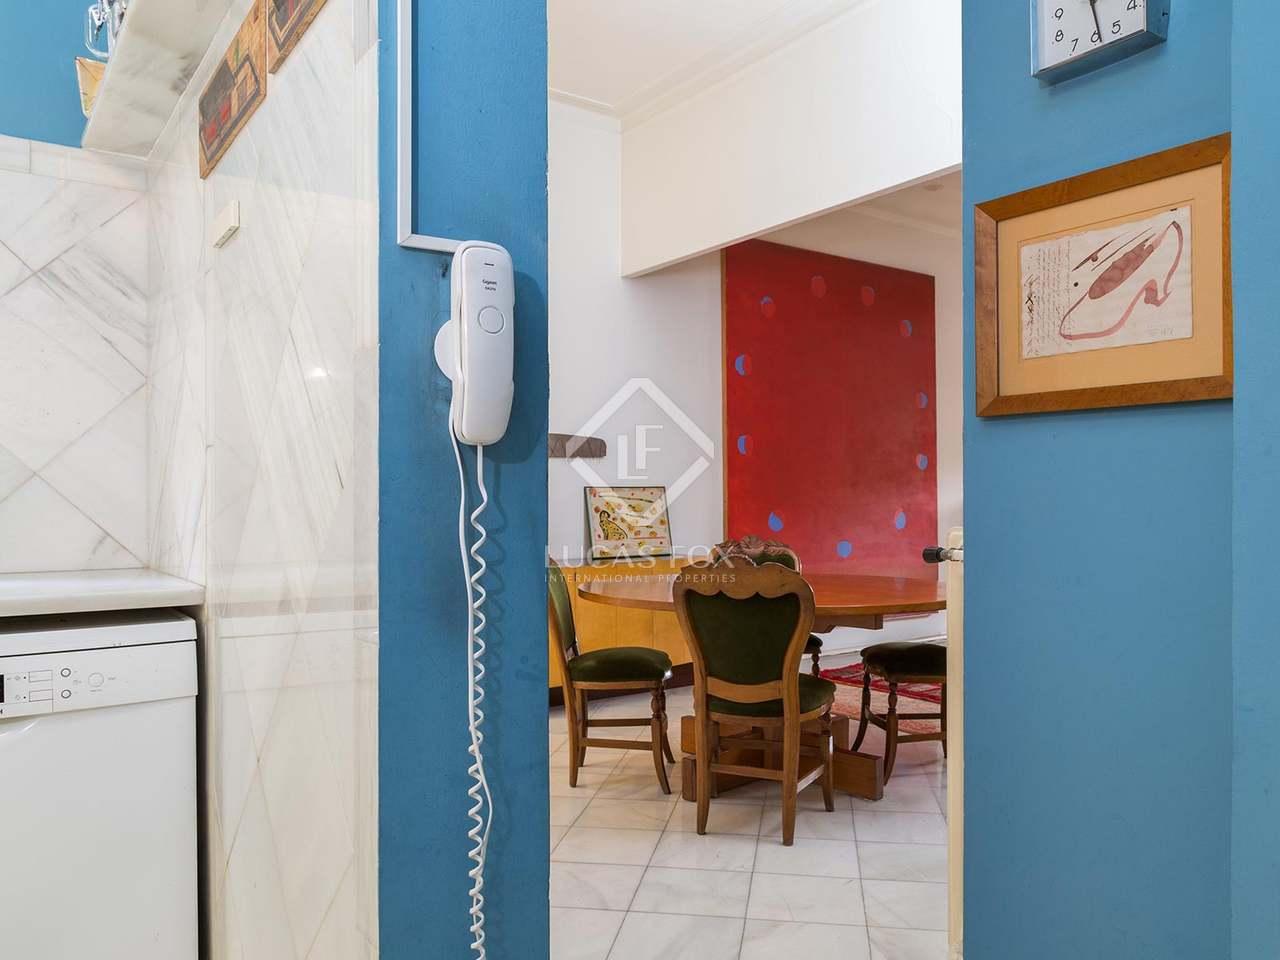 Magnifique appartement moderniste en vente dans le quartier gothique de barce - Appartement vente barcelone ...